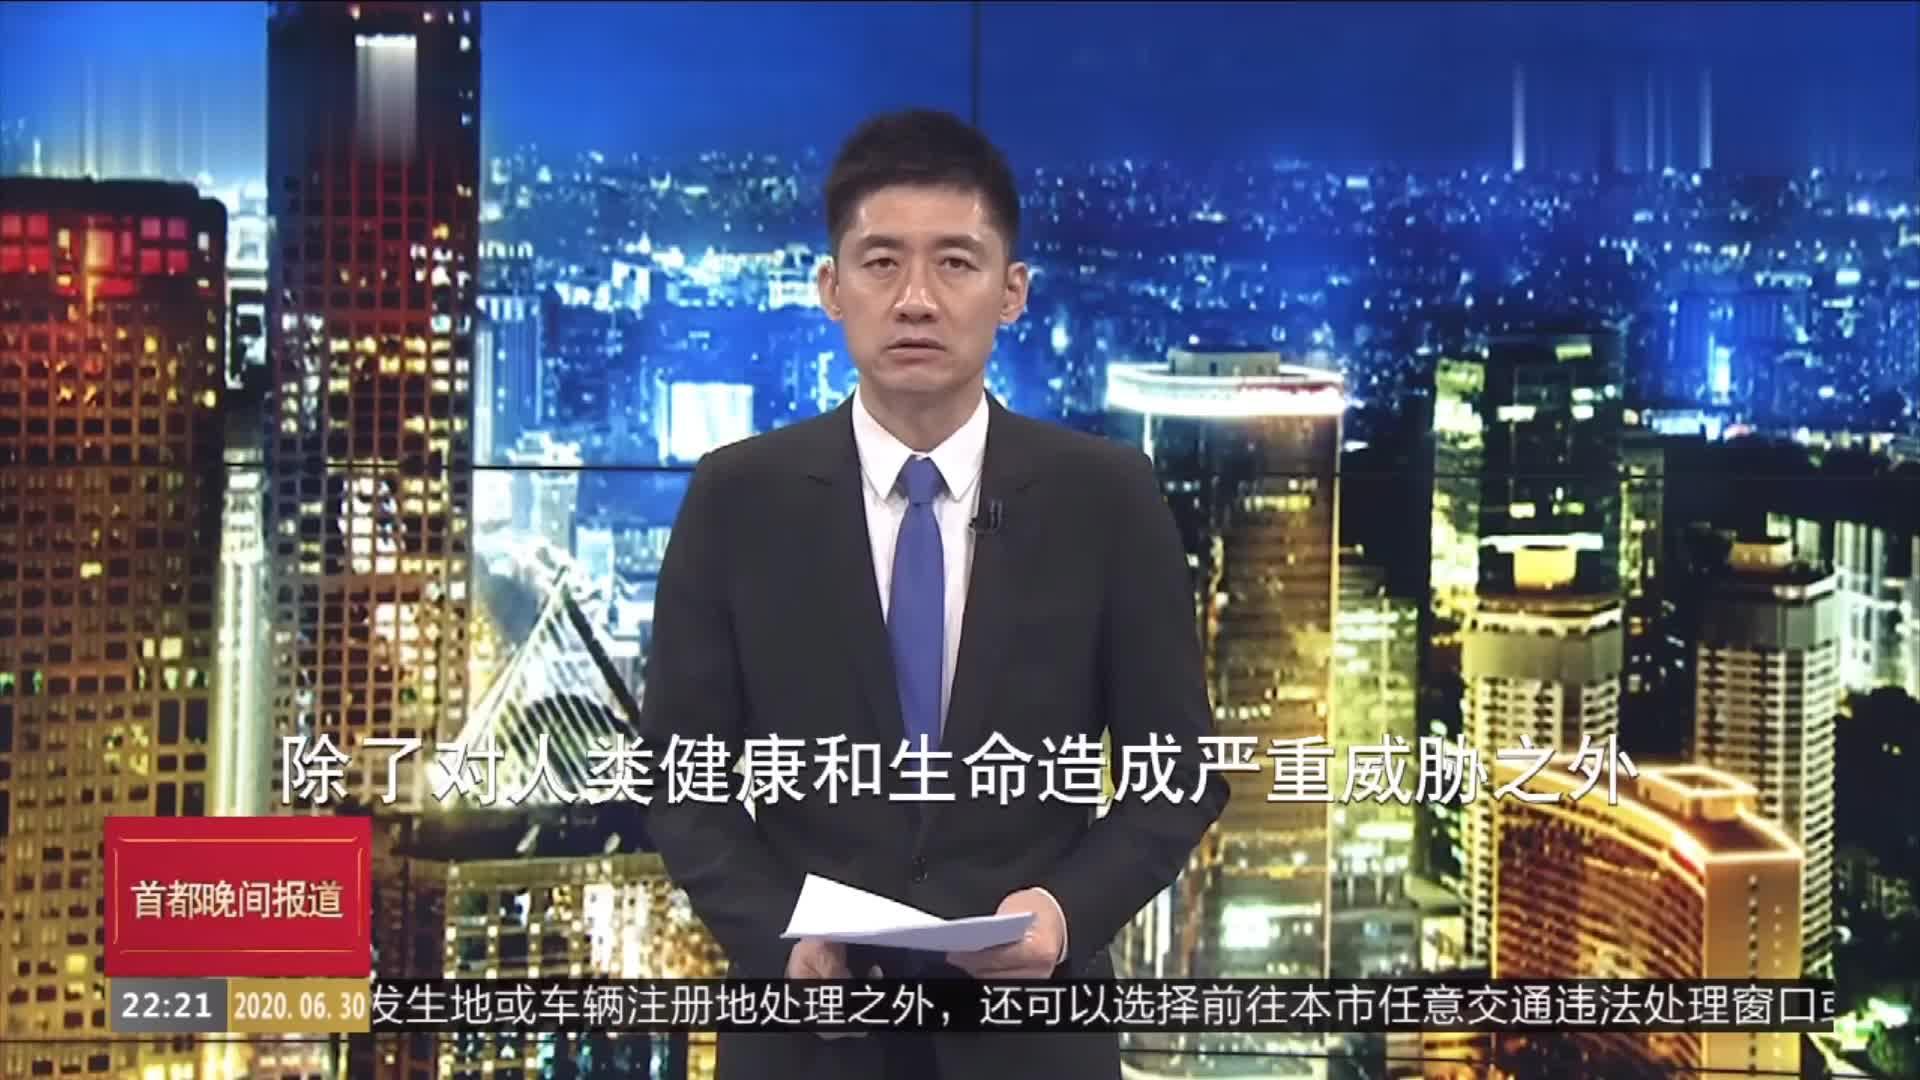 王文:疫情引发全球经济衰退,只有中国能保持正增长